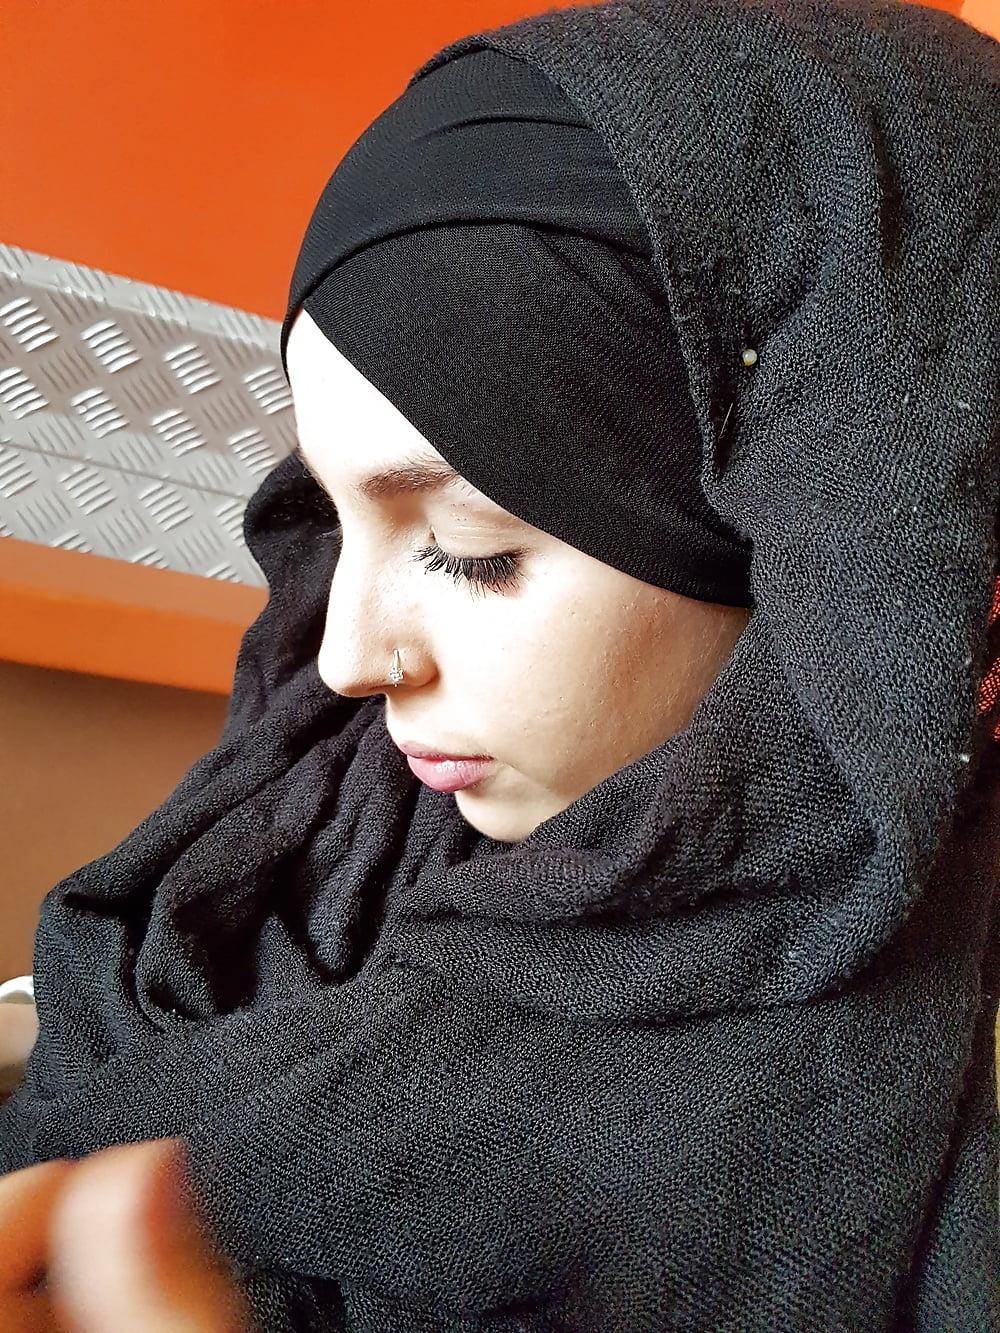 Ass Muslim Arab – Telegraph